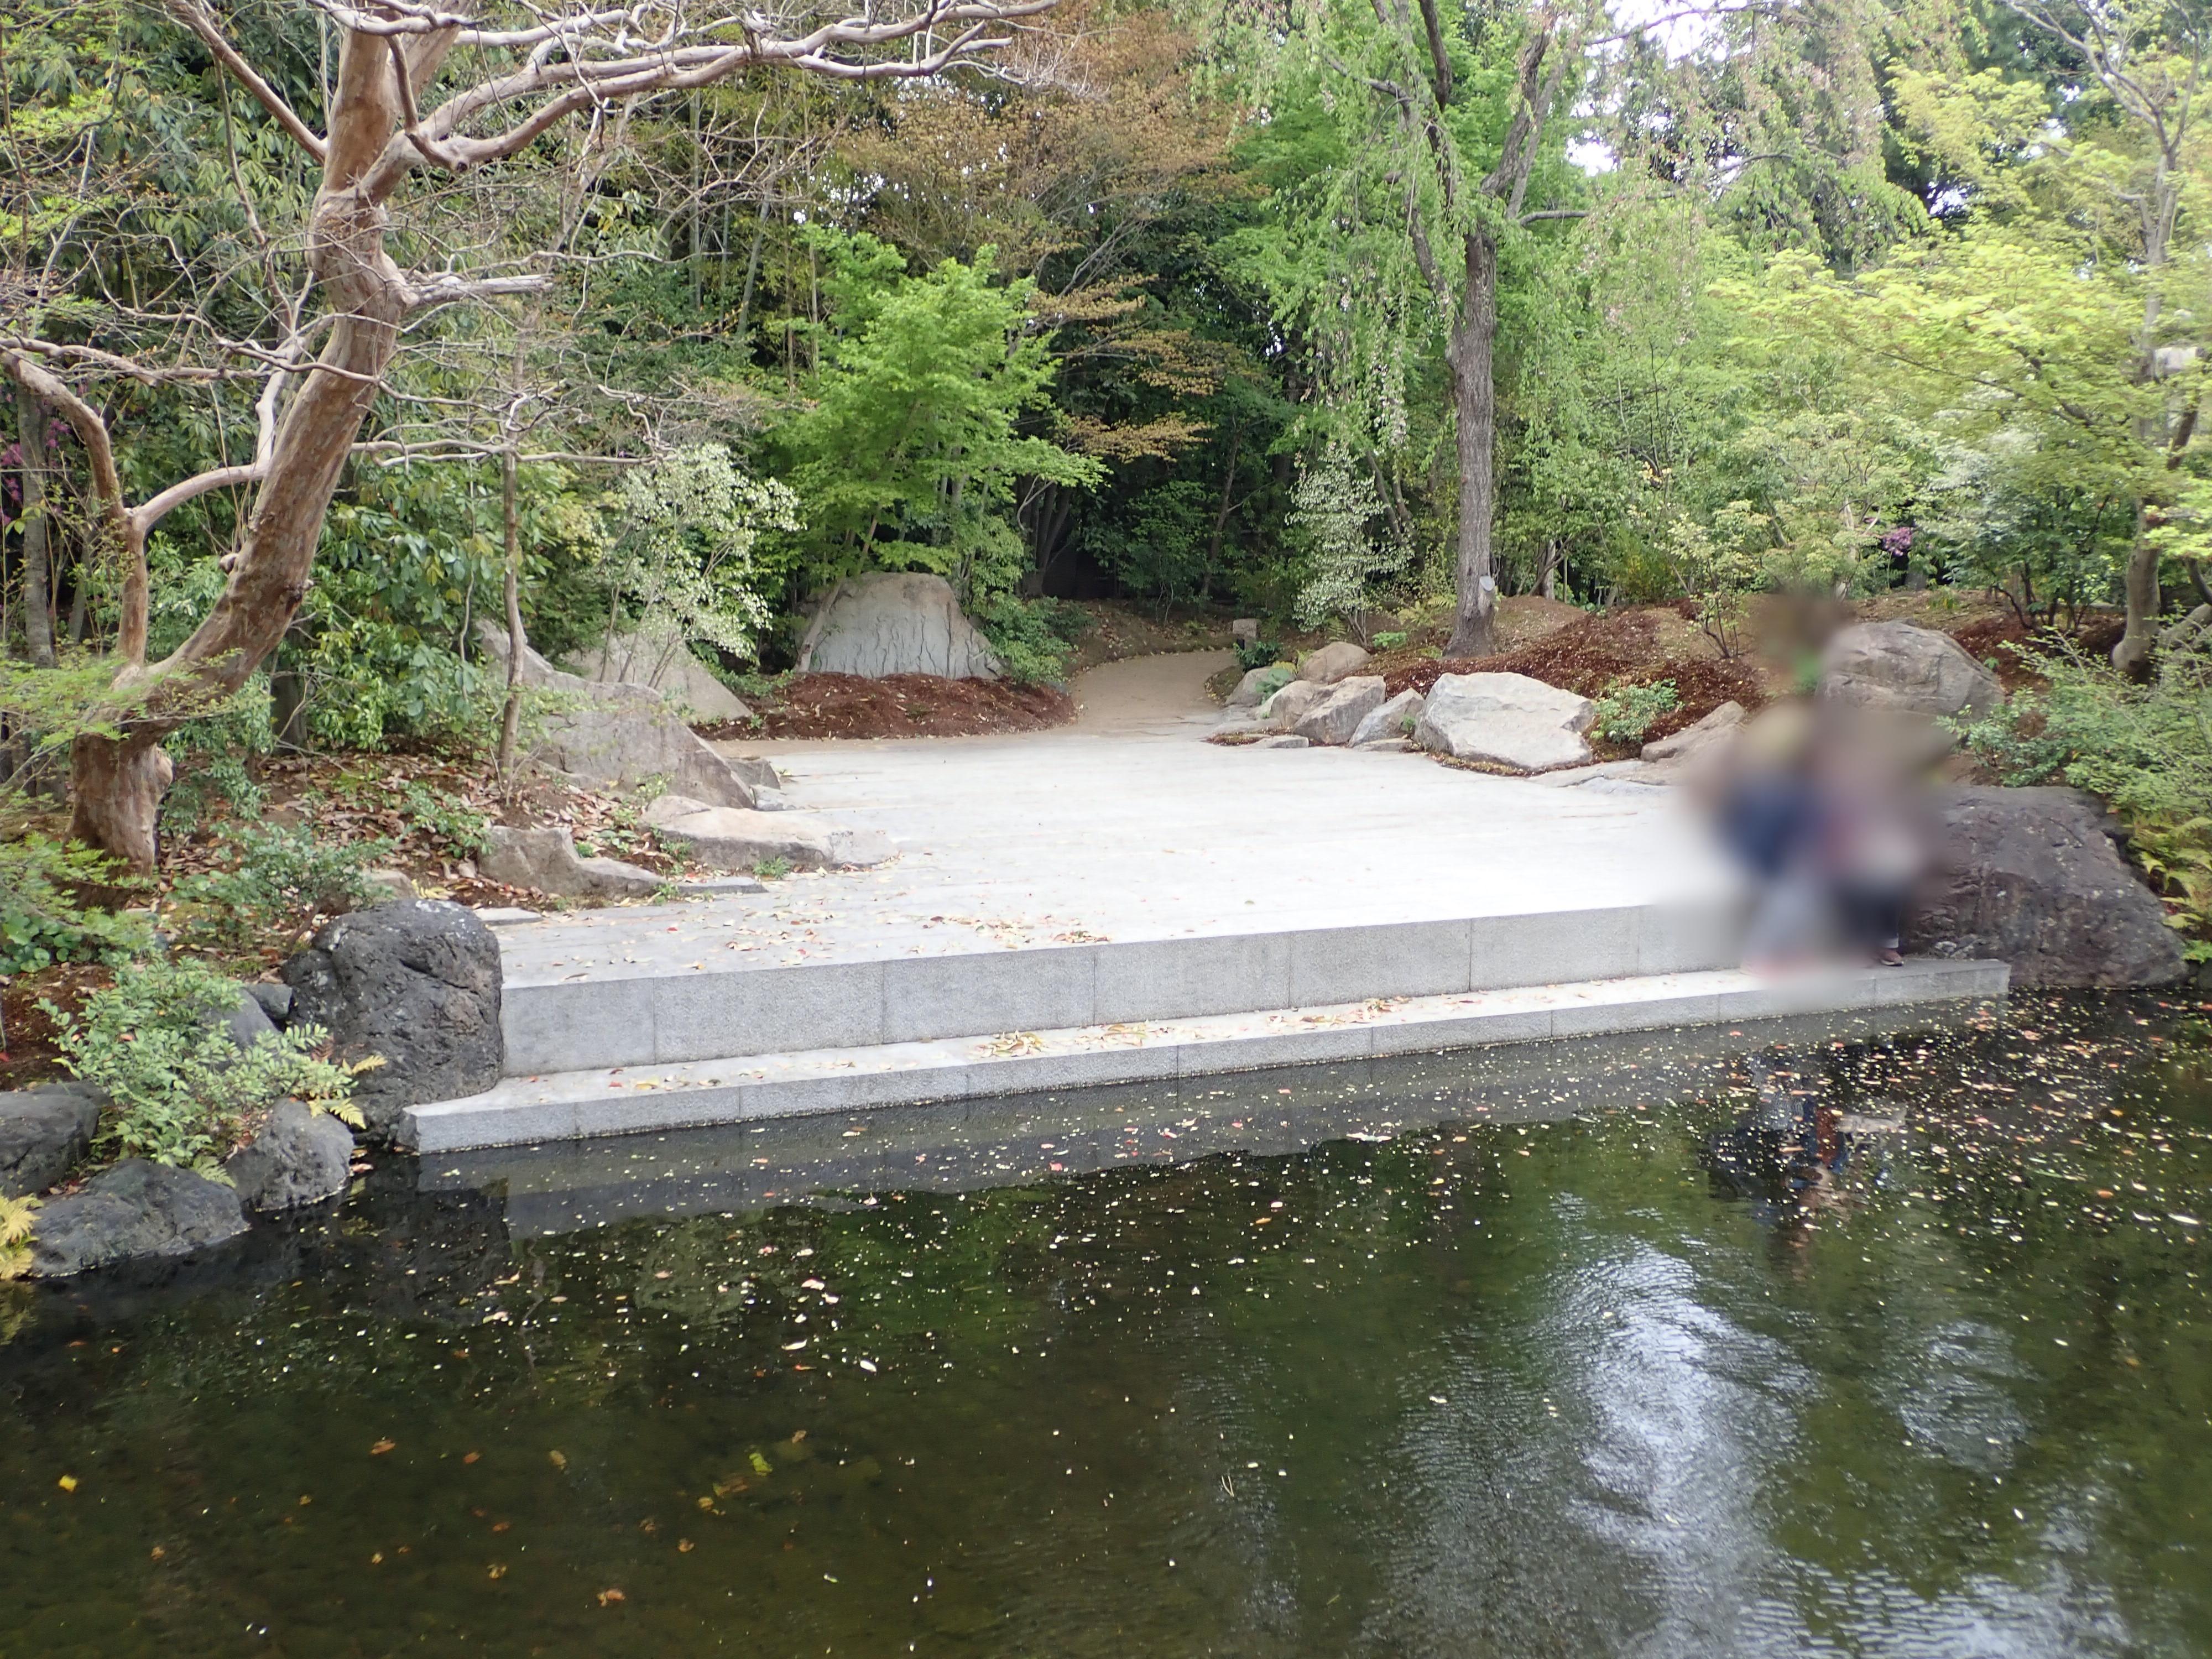 寒川神社の神嶽山神苑にある石舞台